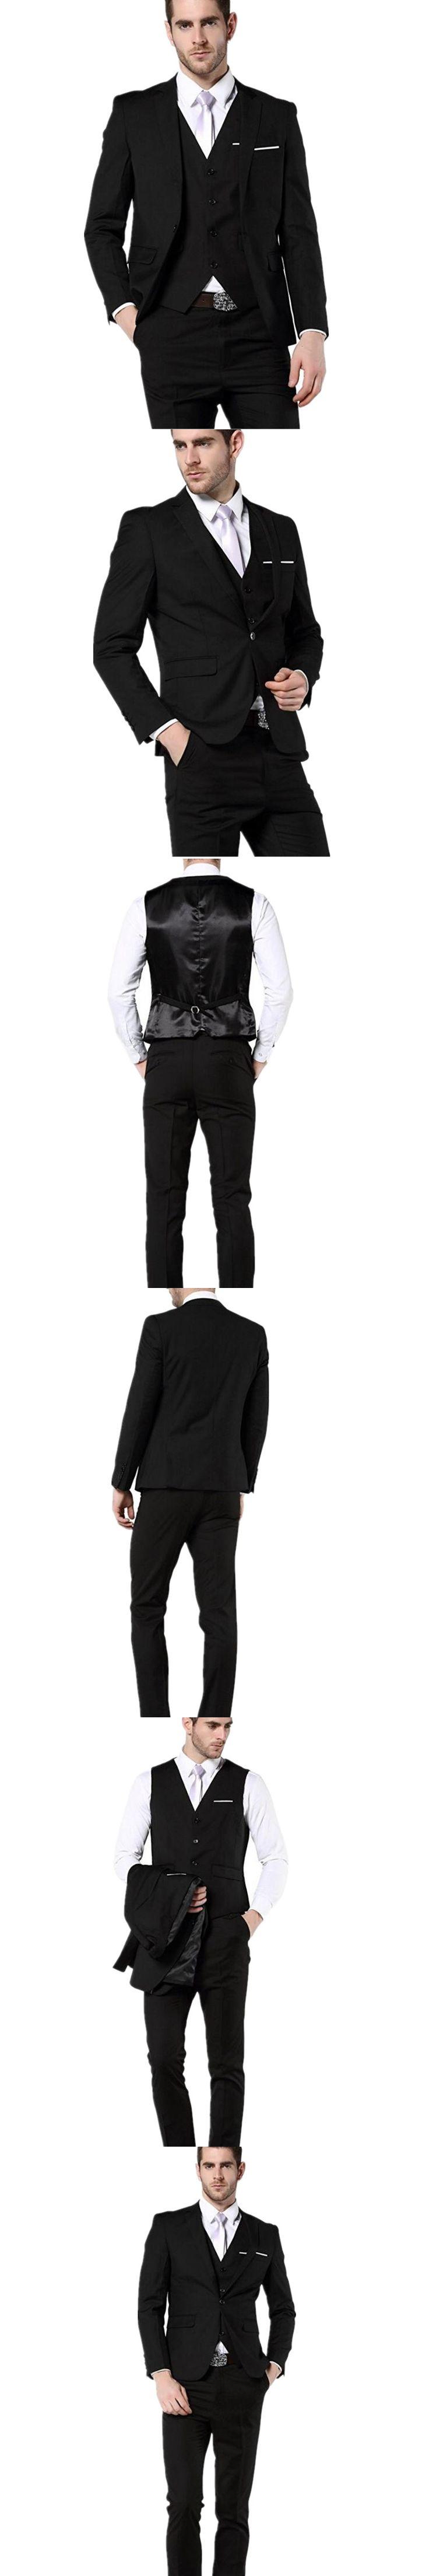 Men Suits Notched Lapel Wedding Suits For Men Two button groom Tuxedos Groomsmen suits two piece Suit custom(Jacket+Pants+vest)